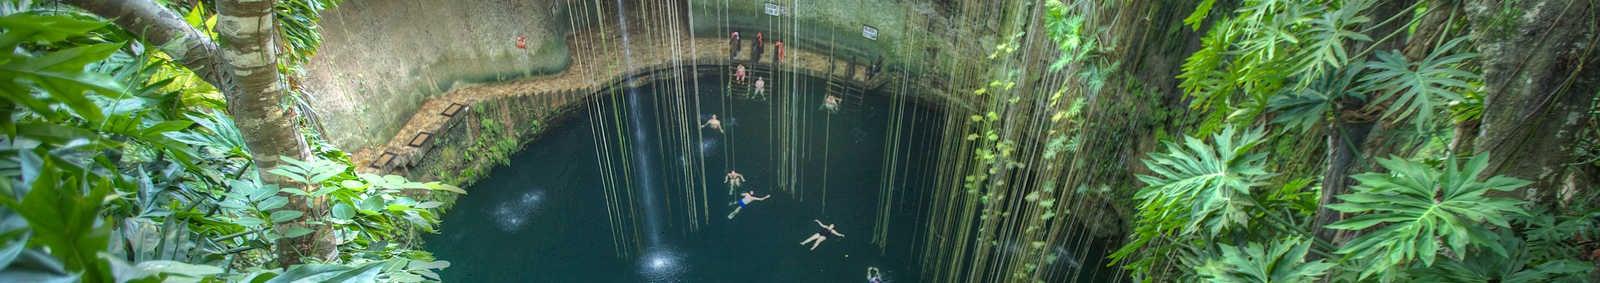 Cenote Ikil, Mexico